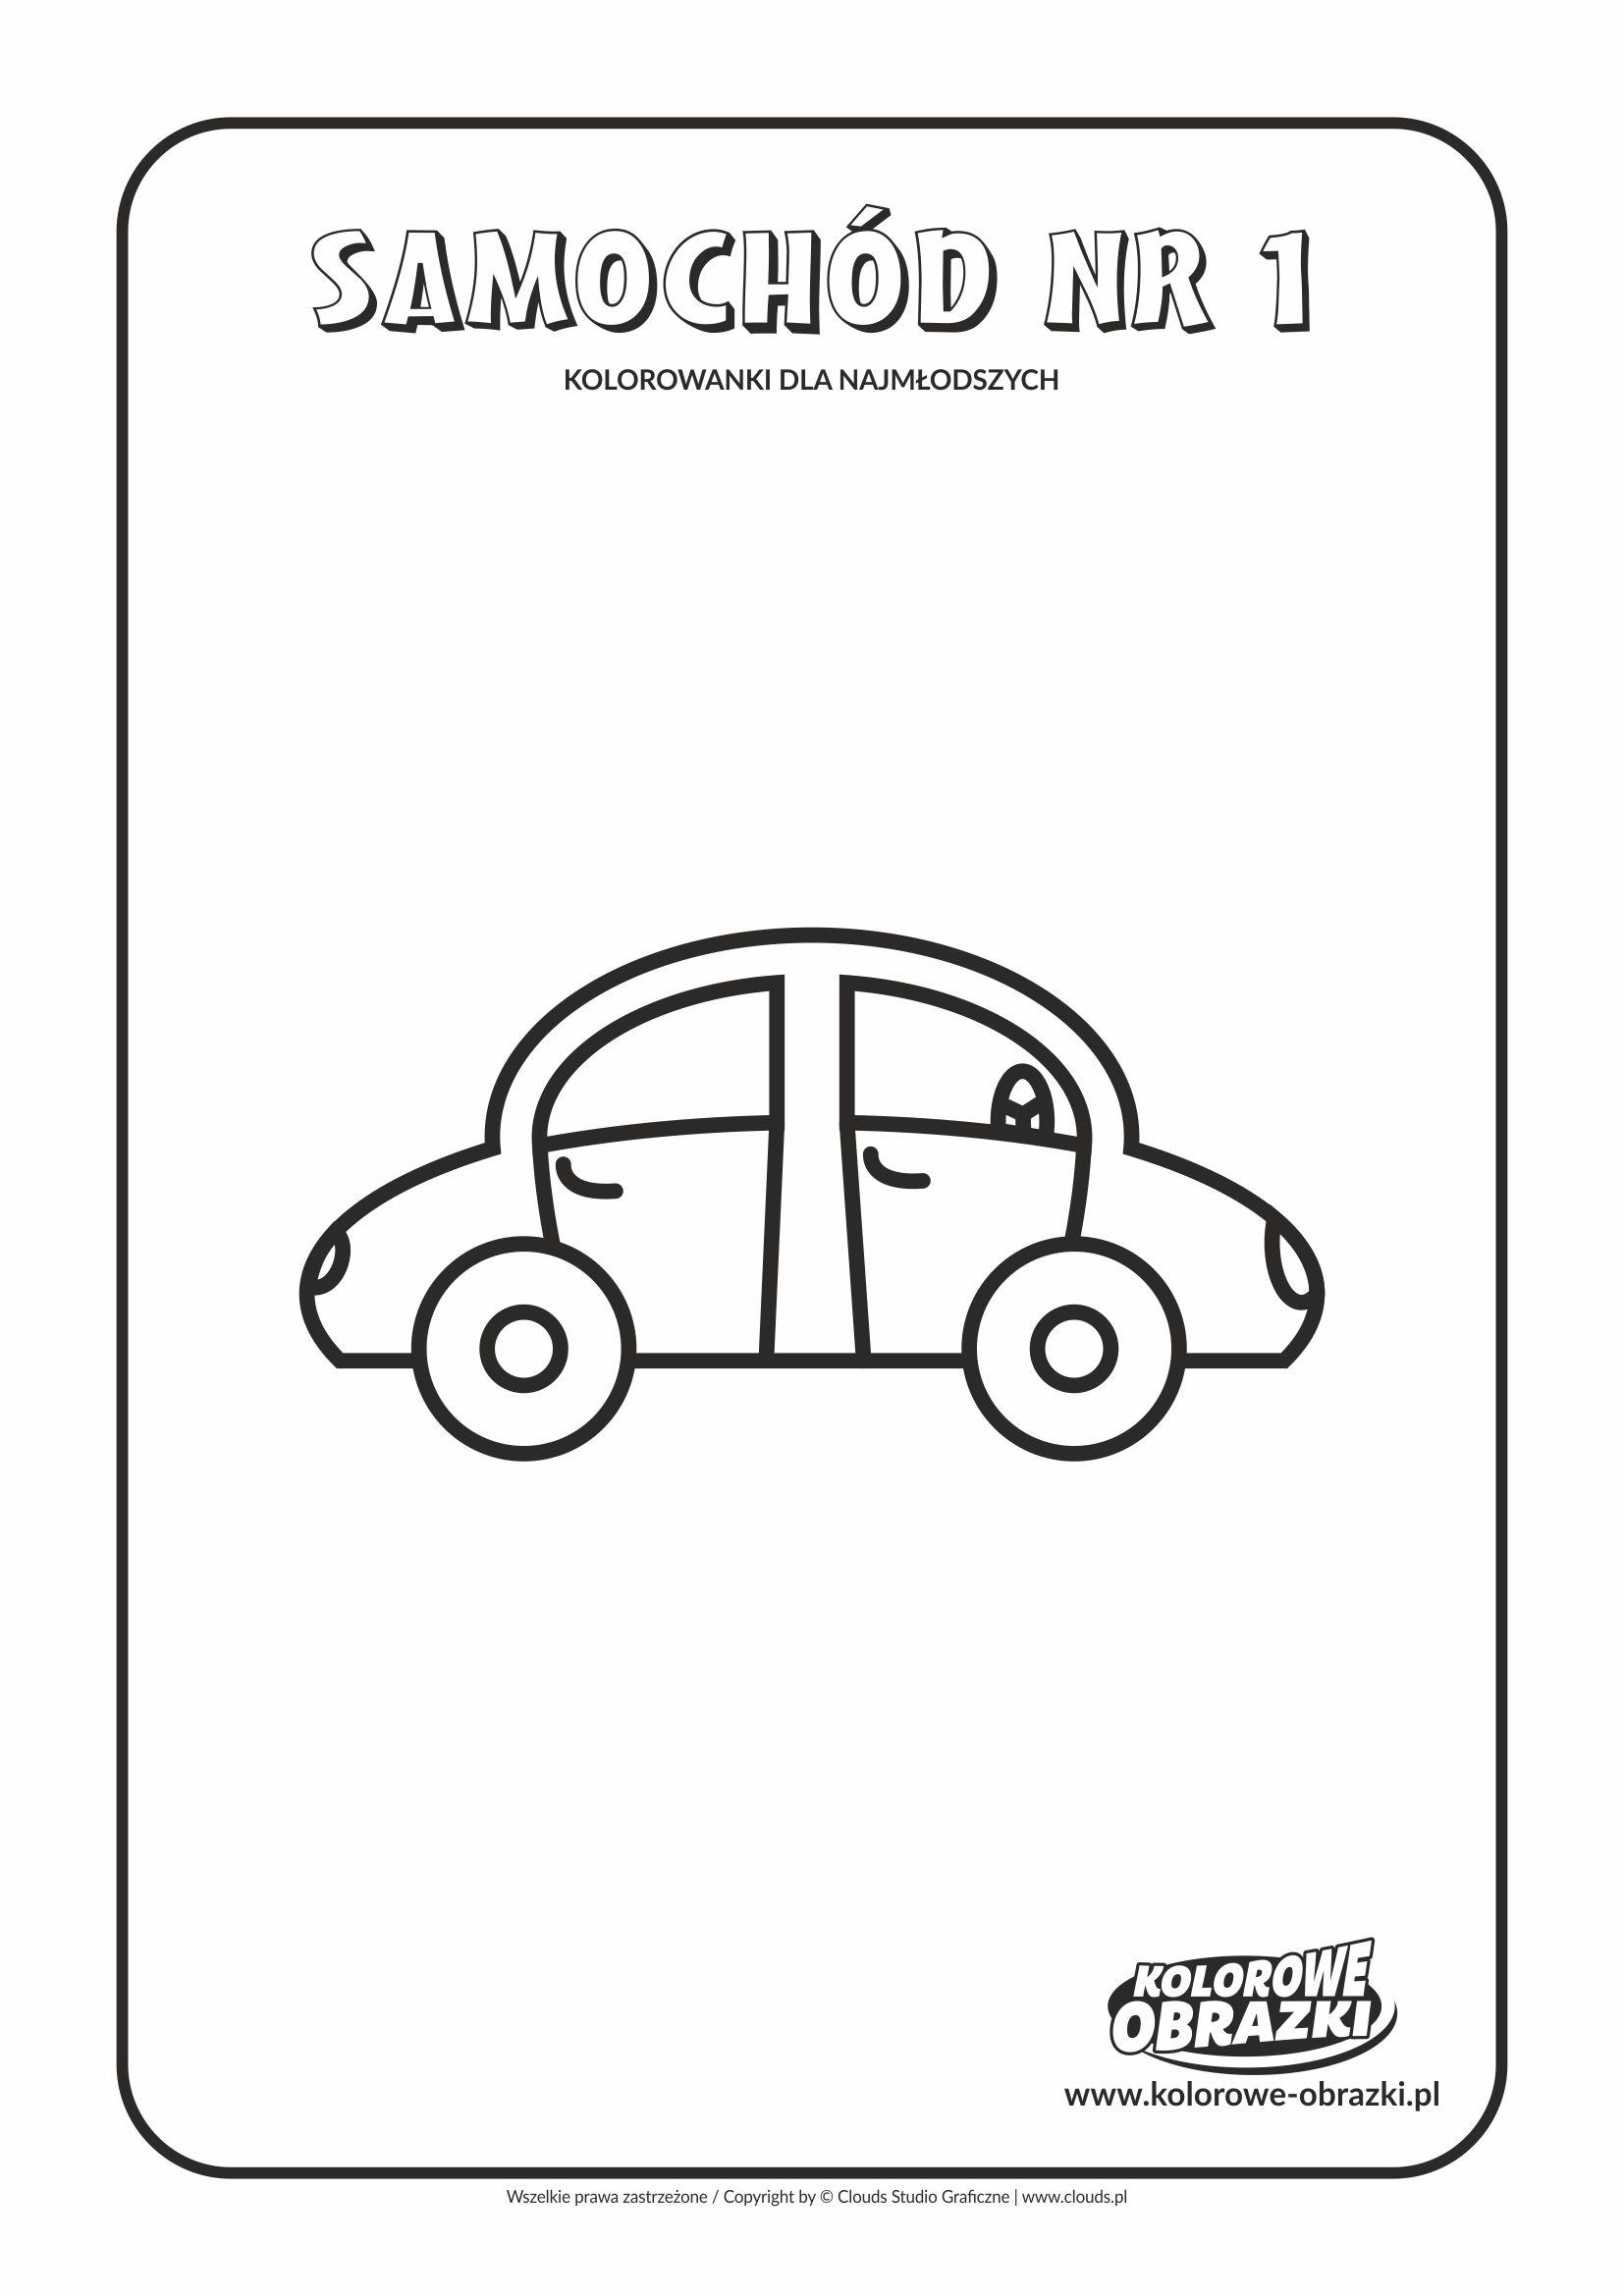 Proste kolorowanki dla najmłodszych - Samochody / Samochód nr 1. Kolorowanka z samochodem